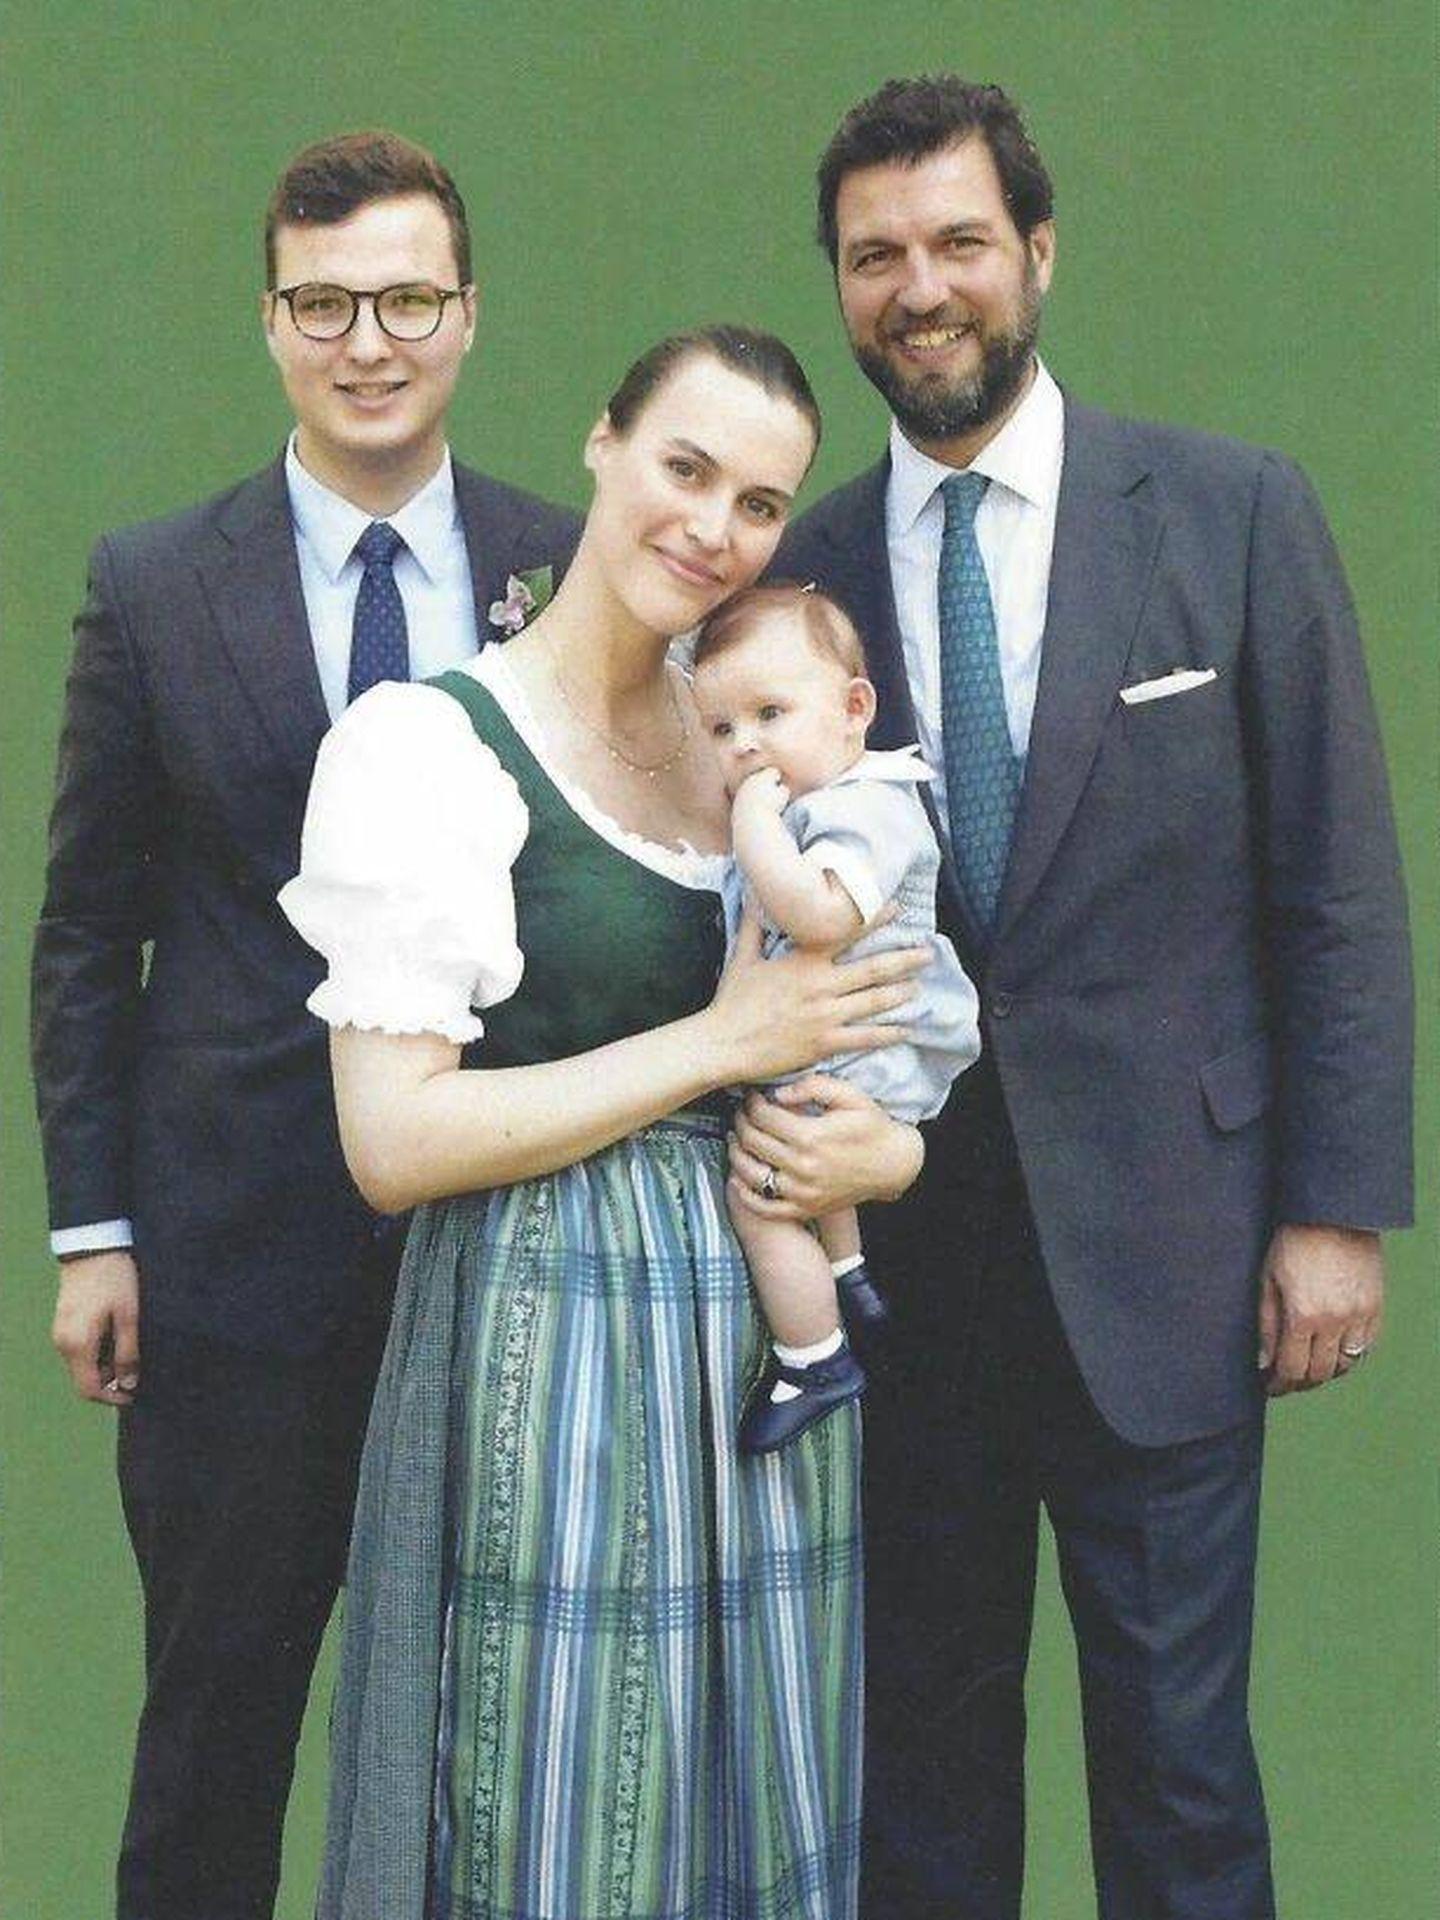 Alexander con el príncipe Casimir, Alana Bunte y el pequeño Salentin. (Casa de Sayn)